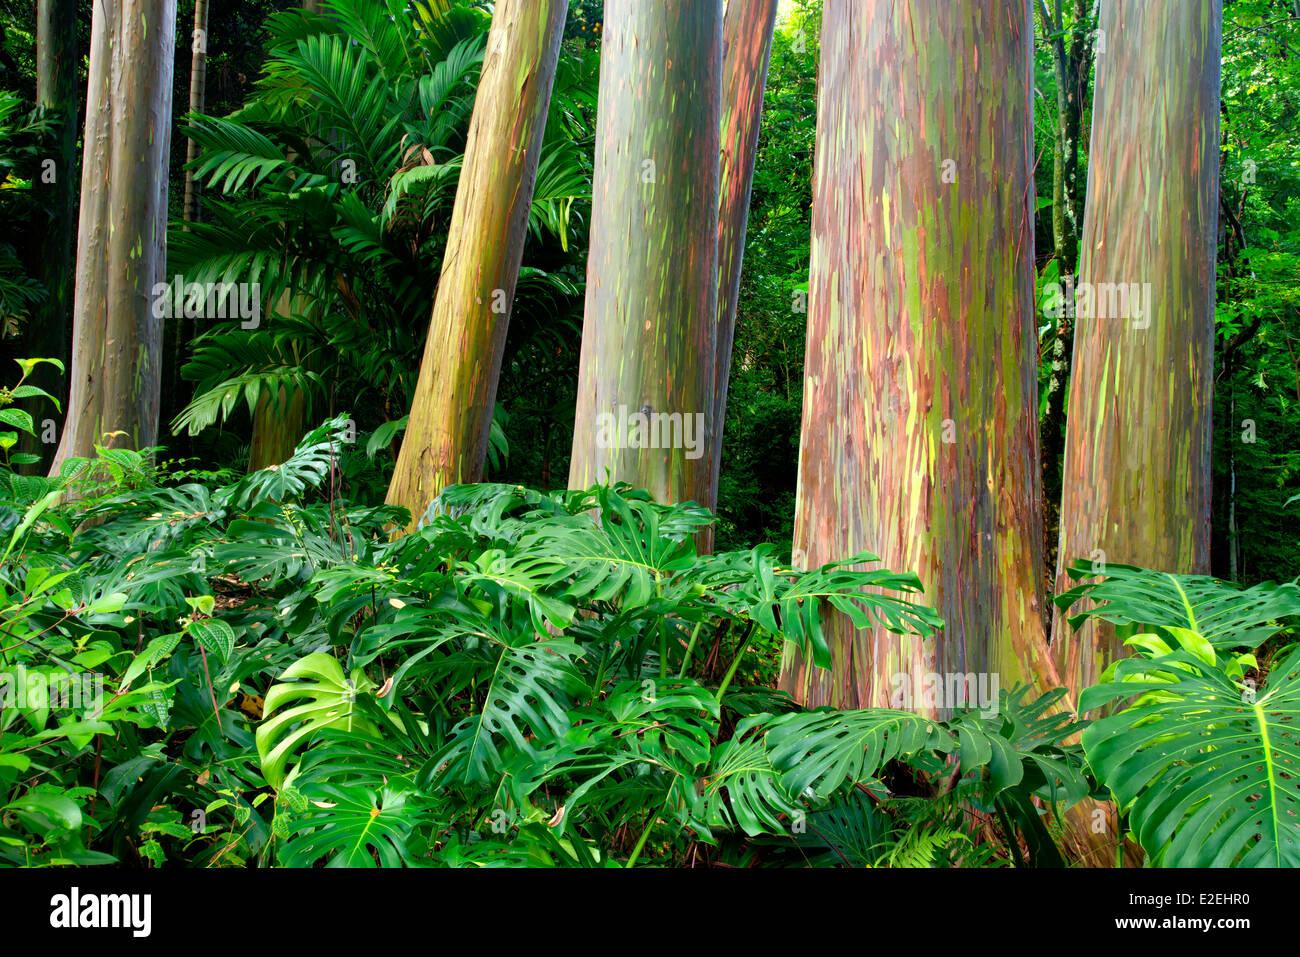 Rainbow Eucalyptus (Eucalyptus deglupta).and split leaf philodendron. Keanae Arboretum. Maui, Hawaii - Stock Image